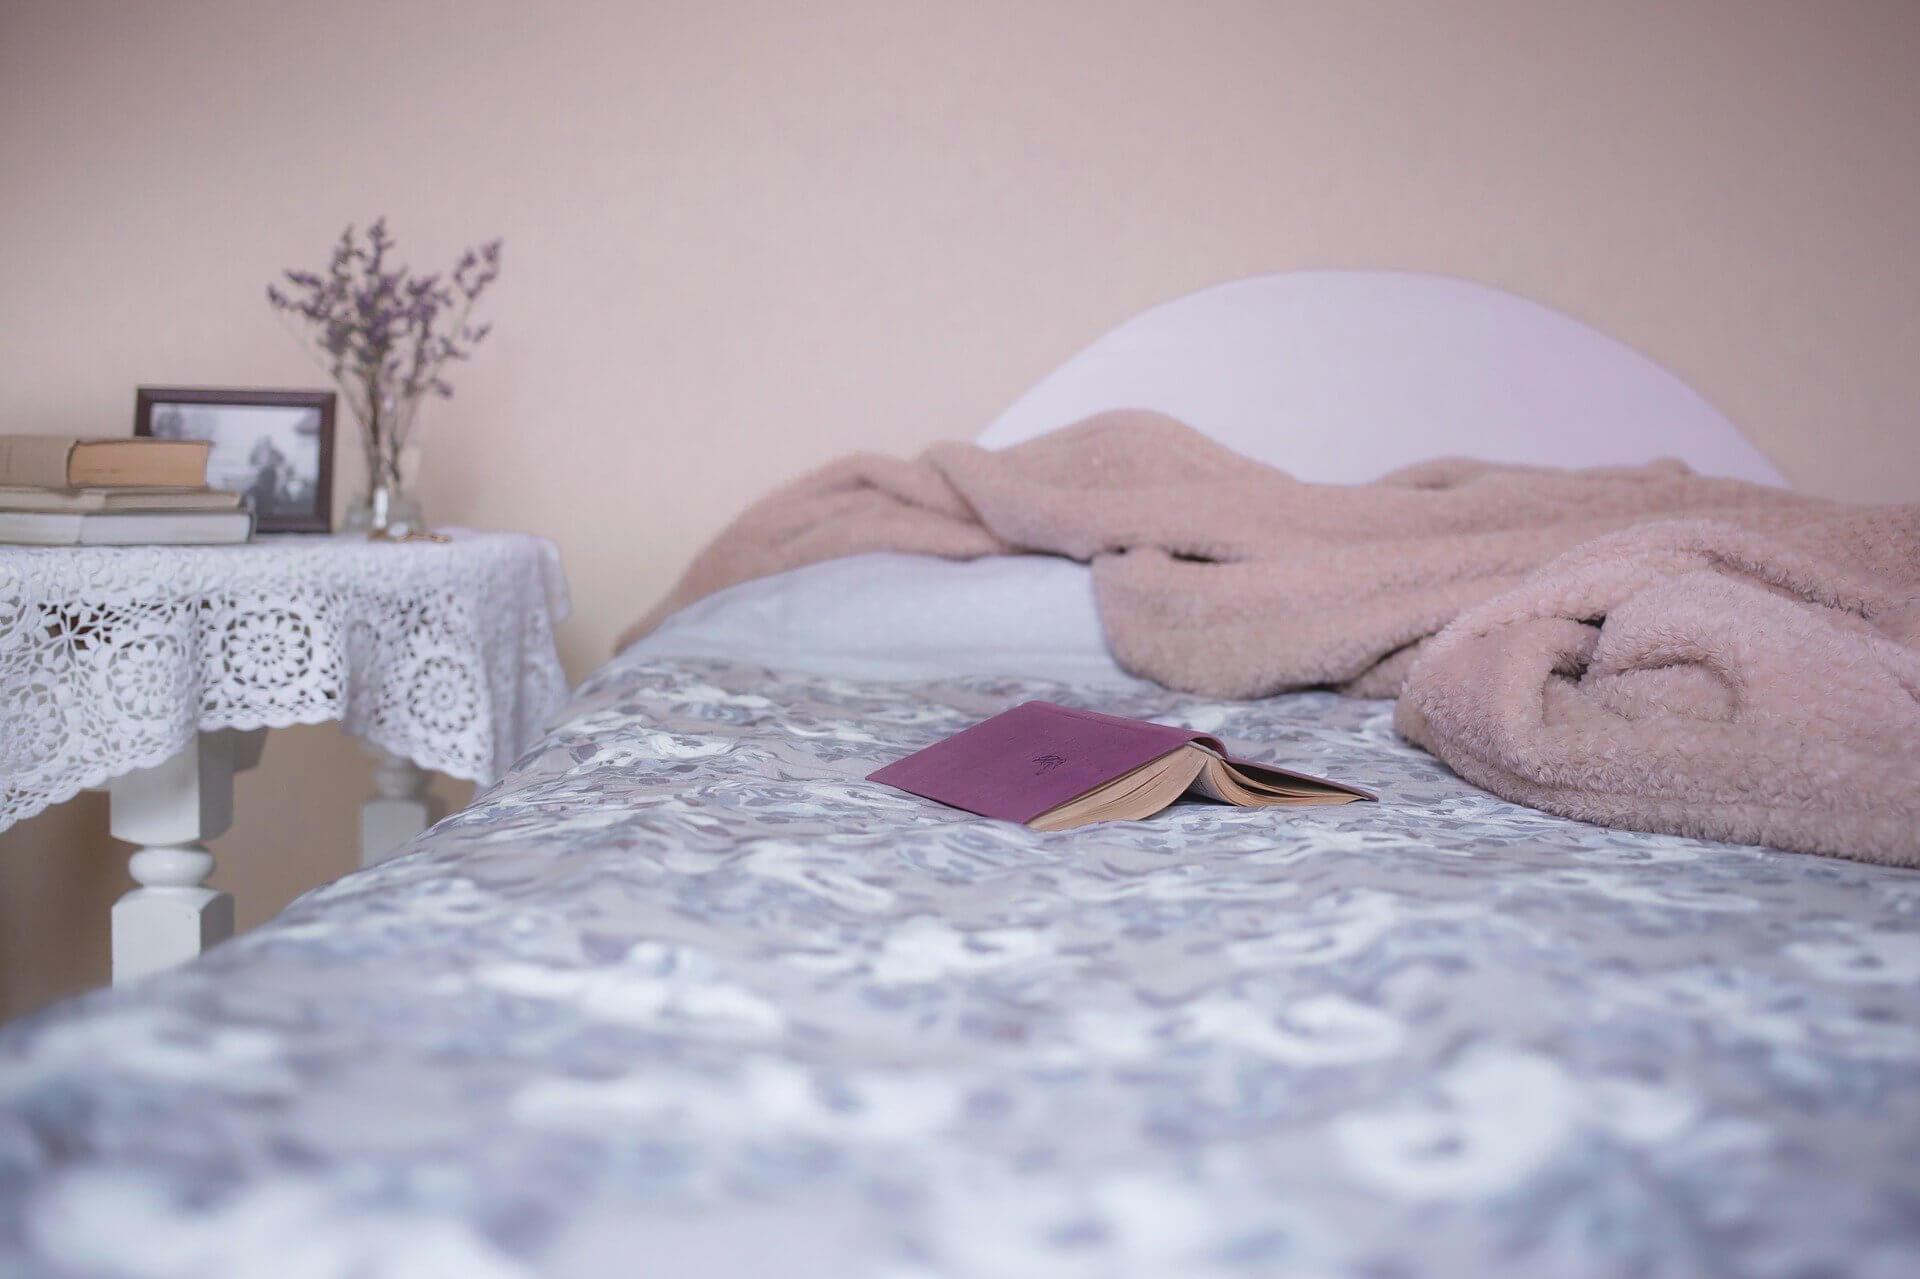 חדרי אירוח קטנים שמרגישים כמו ווילה- איך לעצב נכון עסק קטן מימדים